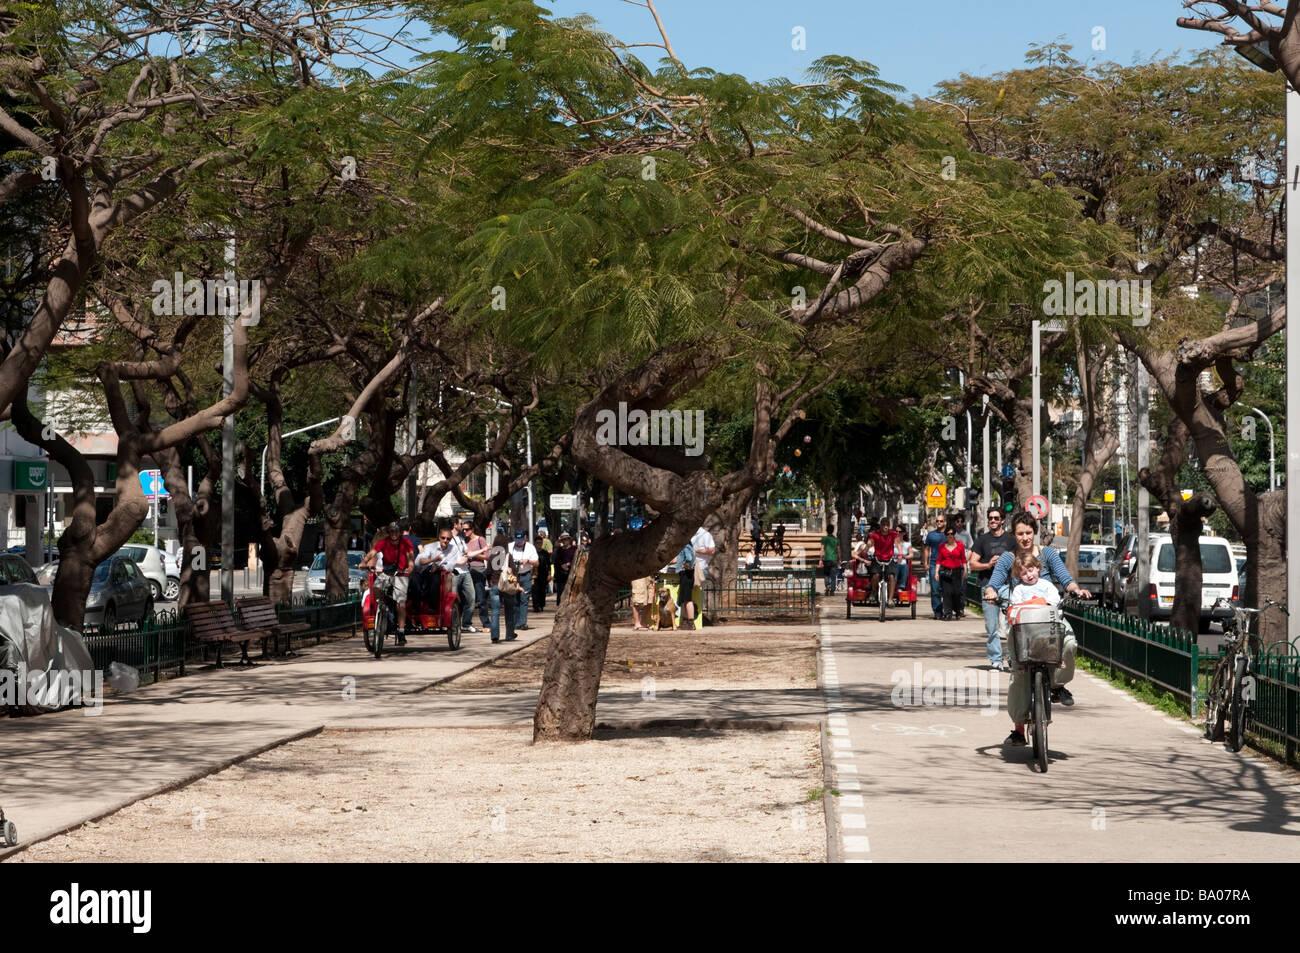 Rothschild Boulevard Tel Aviv Israel - Stock Image